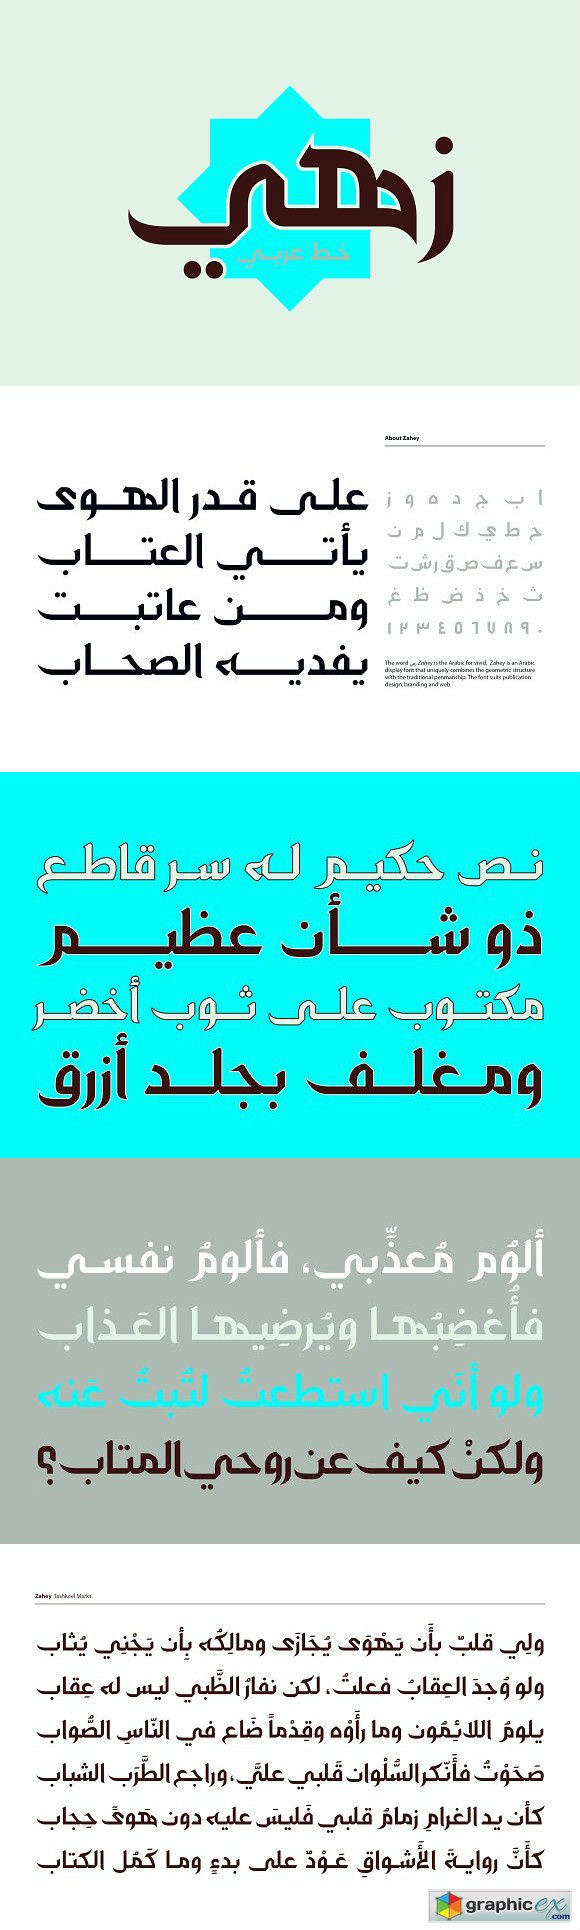 Arabic Fonts For Word Download Arabic fontsArabic Fonts 60